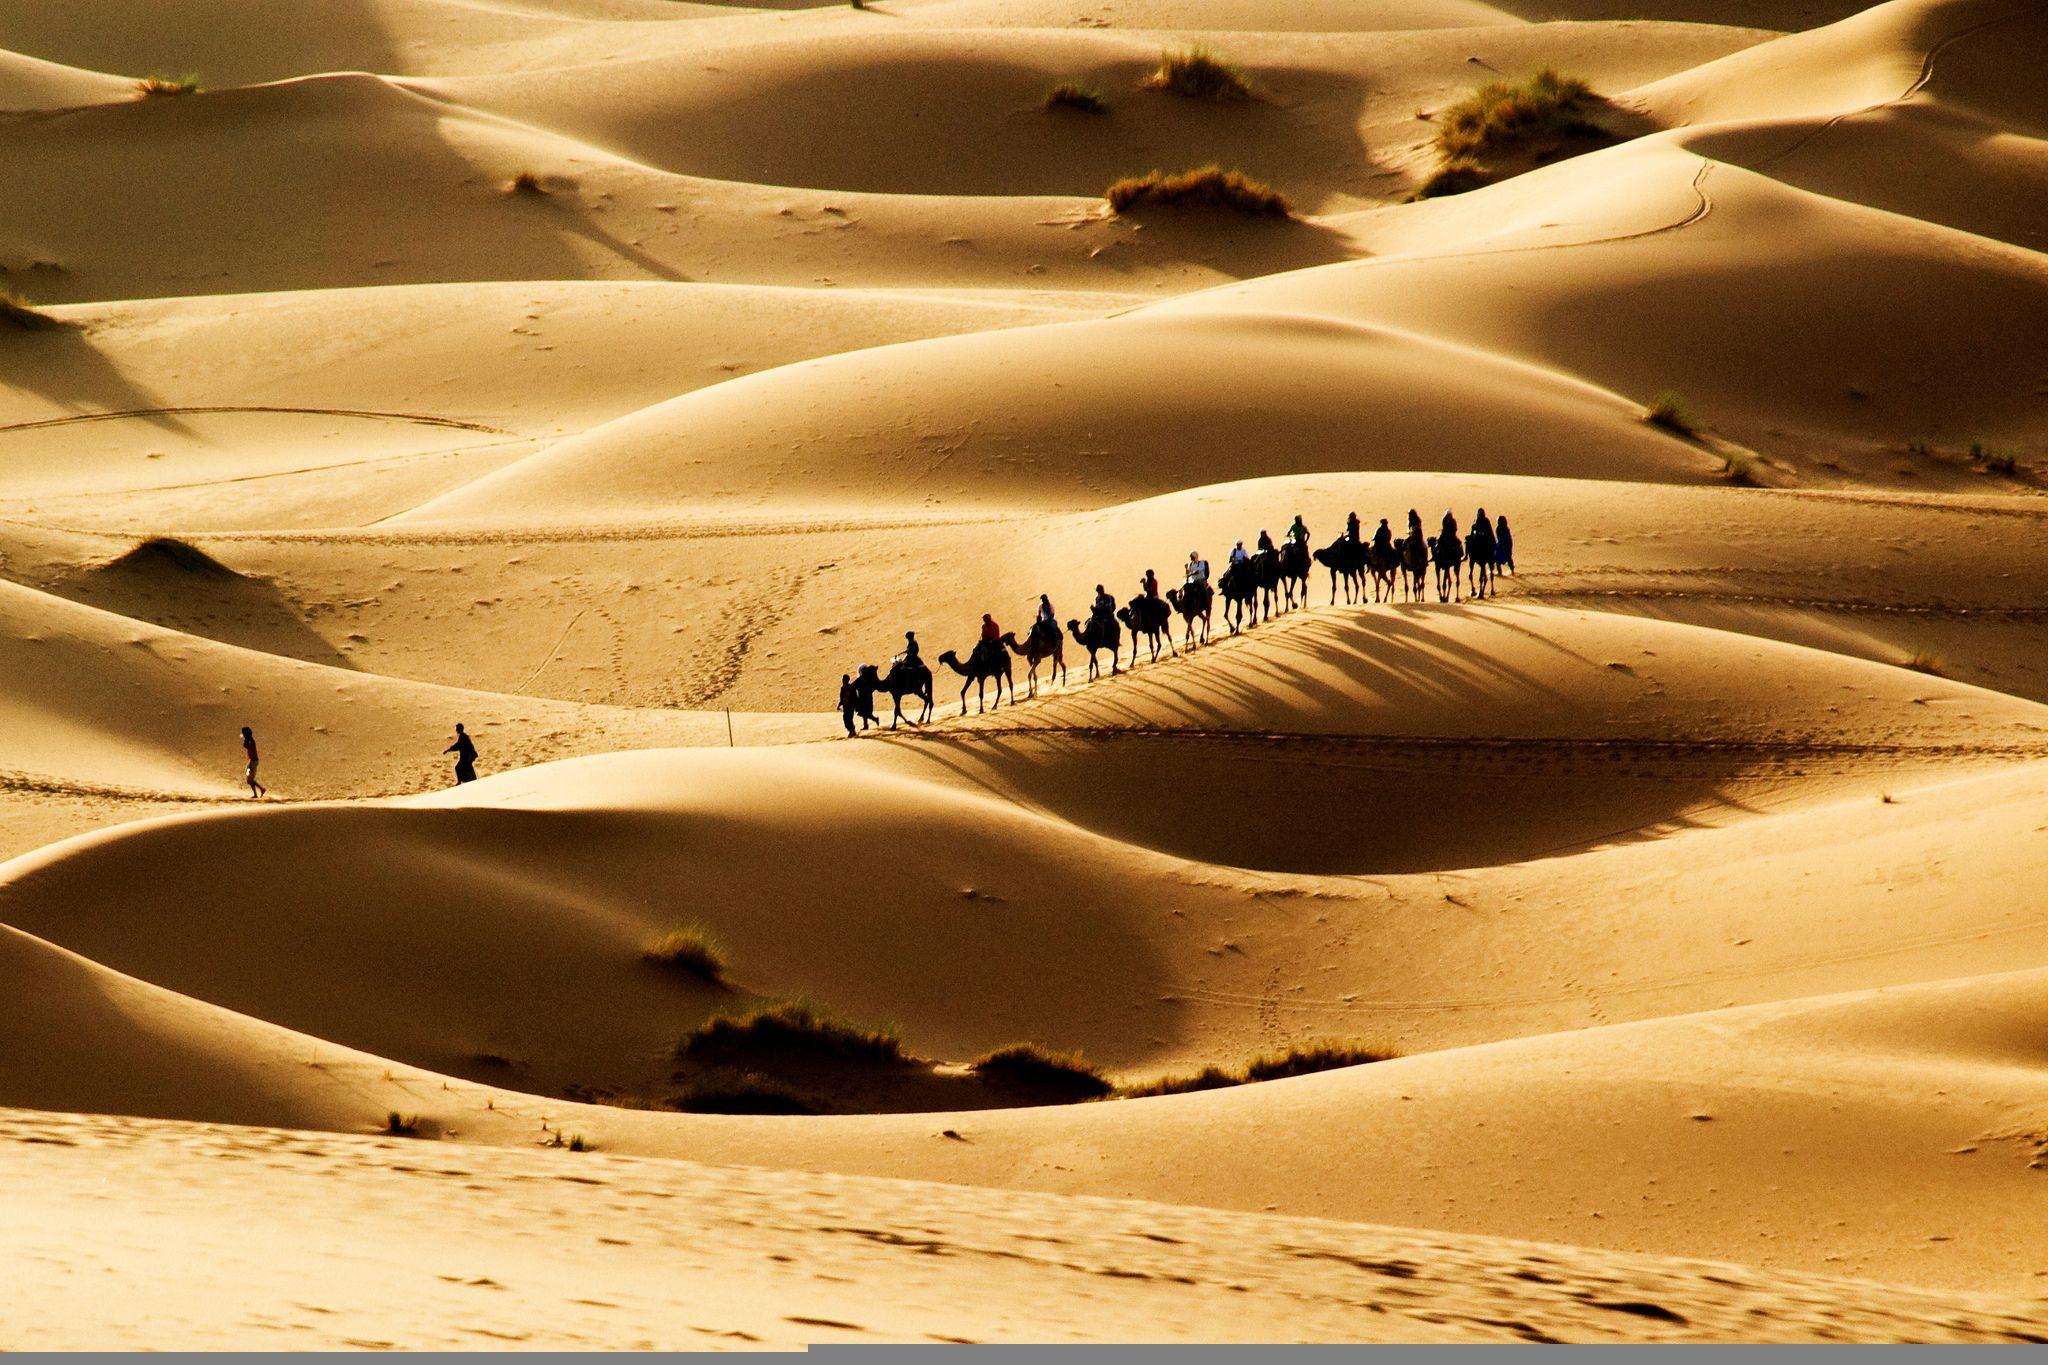 этом песочные картинки африка айдан